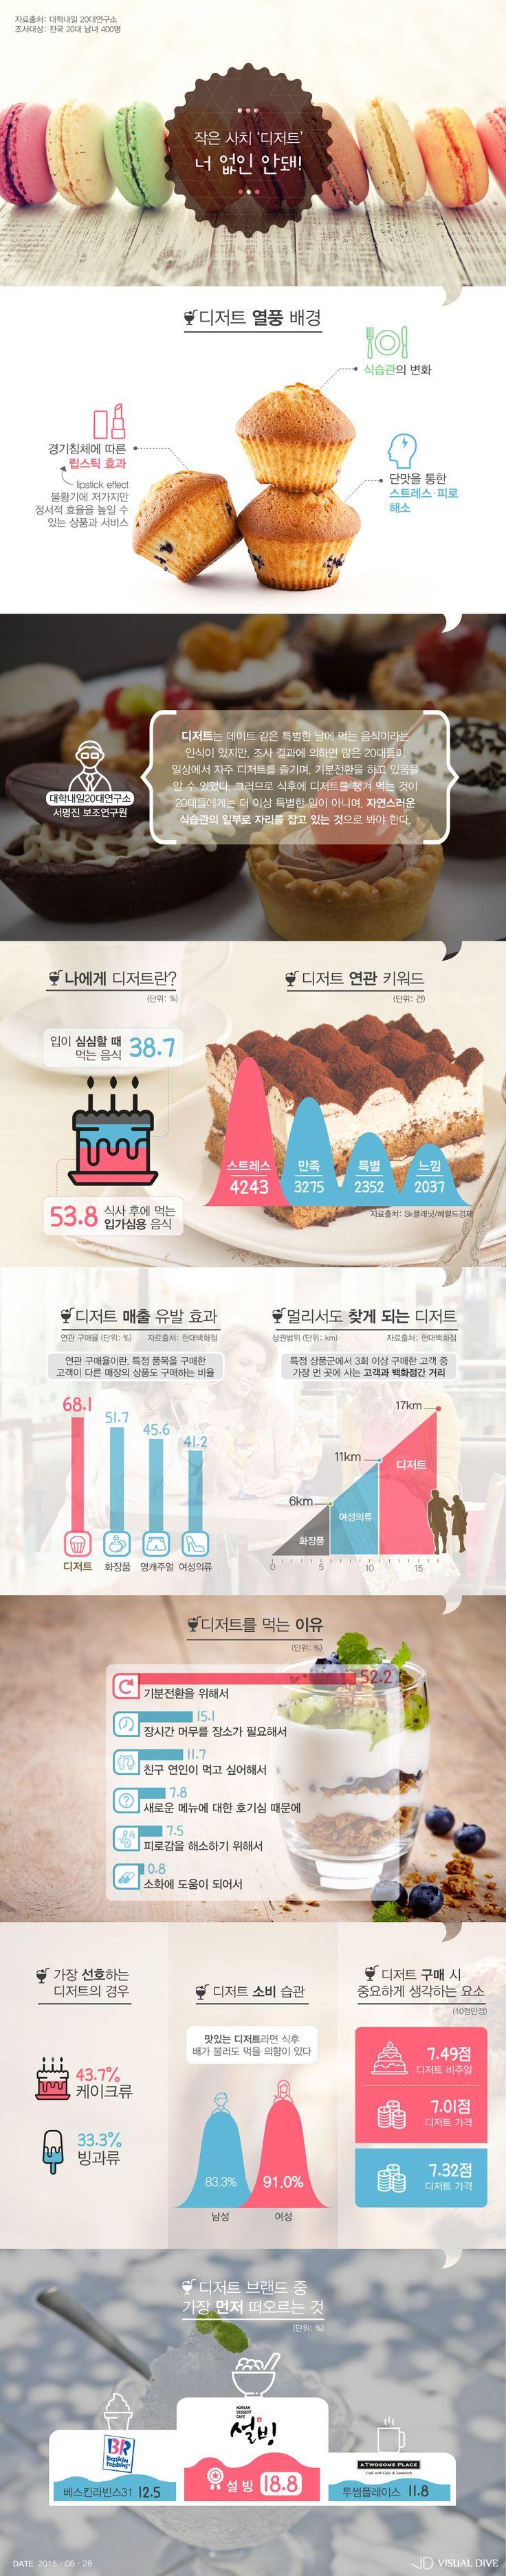 날 위한 작은 사치 '디저트'…먹는 이유는? [인포그래픽] #Dessert / #Infographic ⓒ 비주얼다이브 무단 복사·전재·재배포 금지